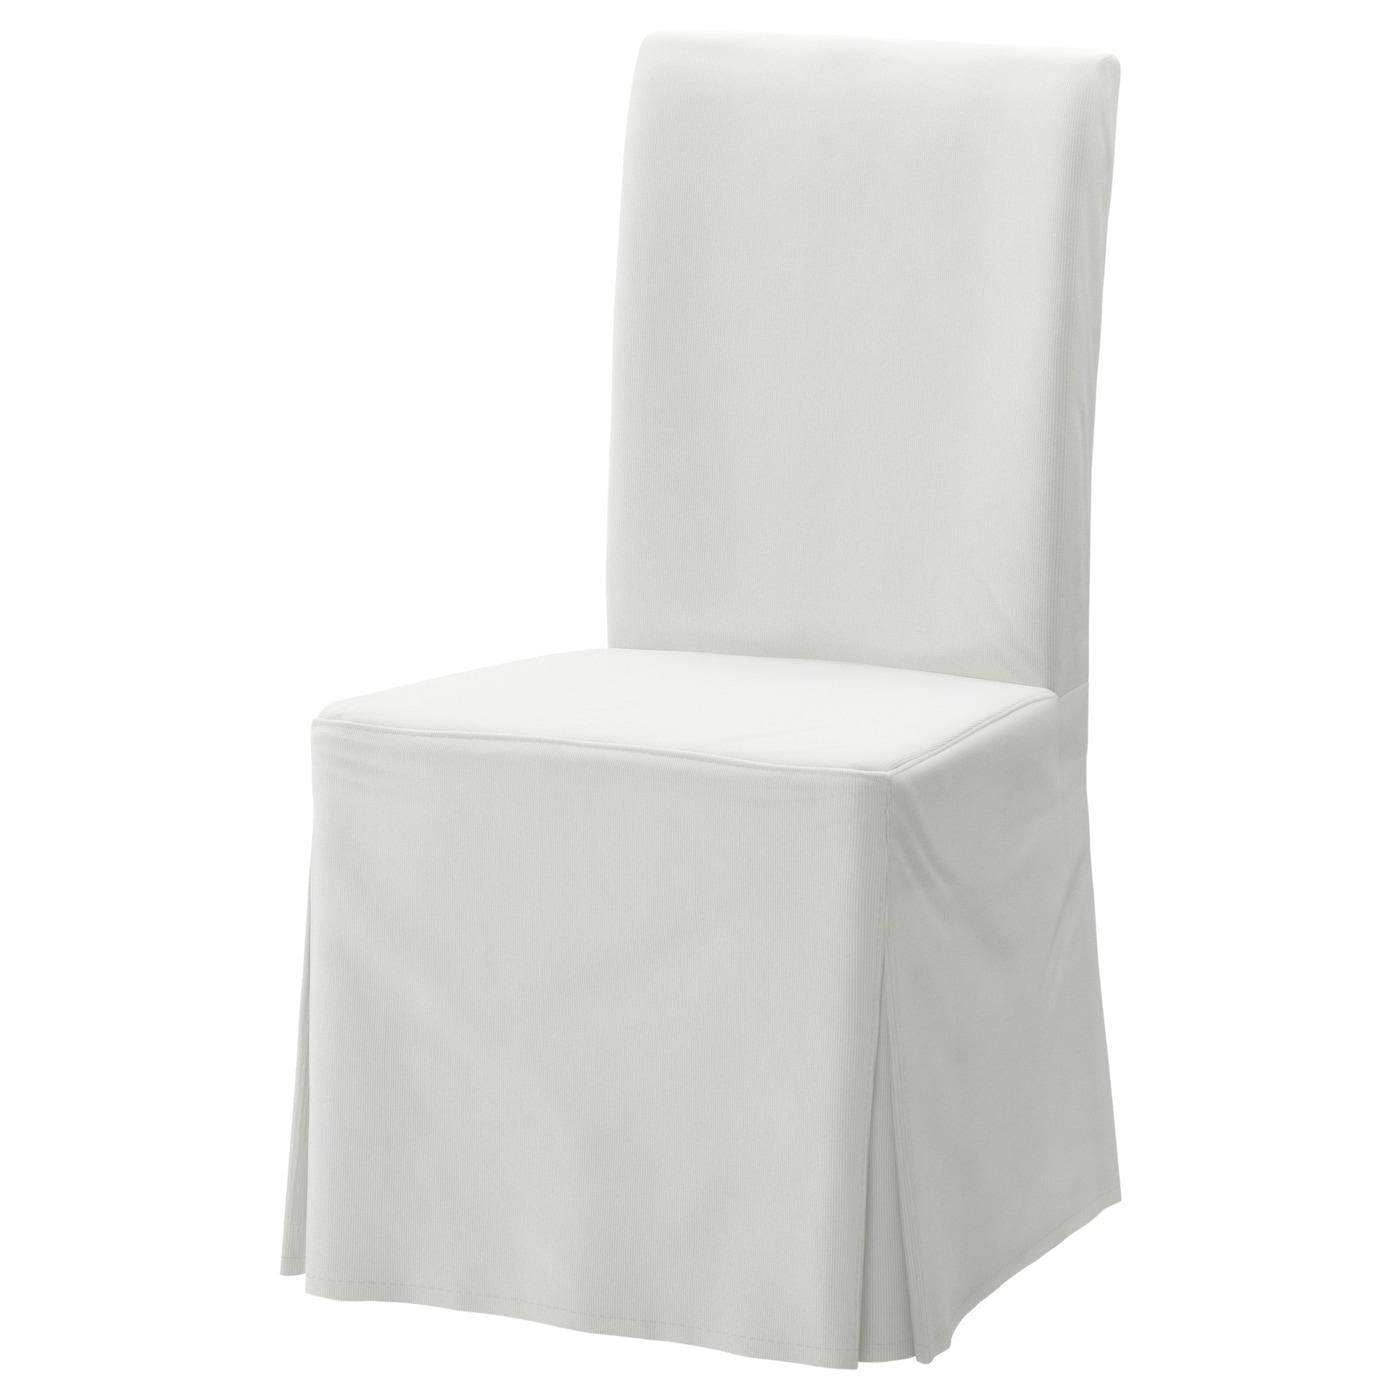 Henriksdal Blekinge White Chair Cover Long Ikea